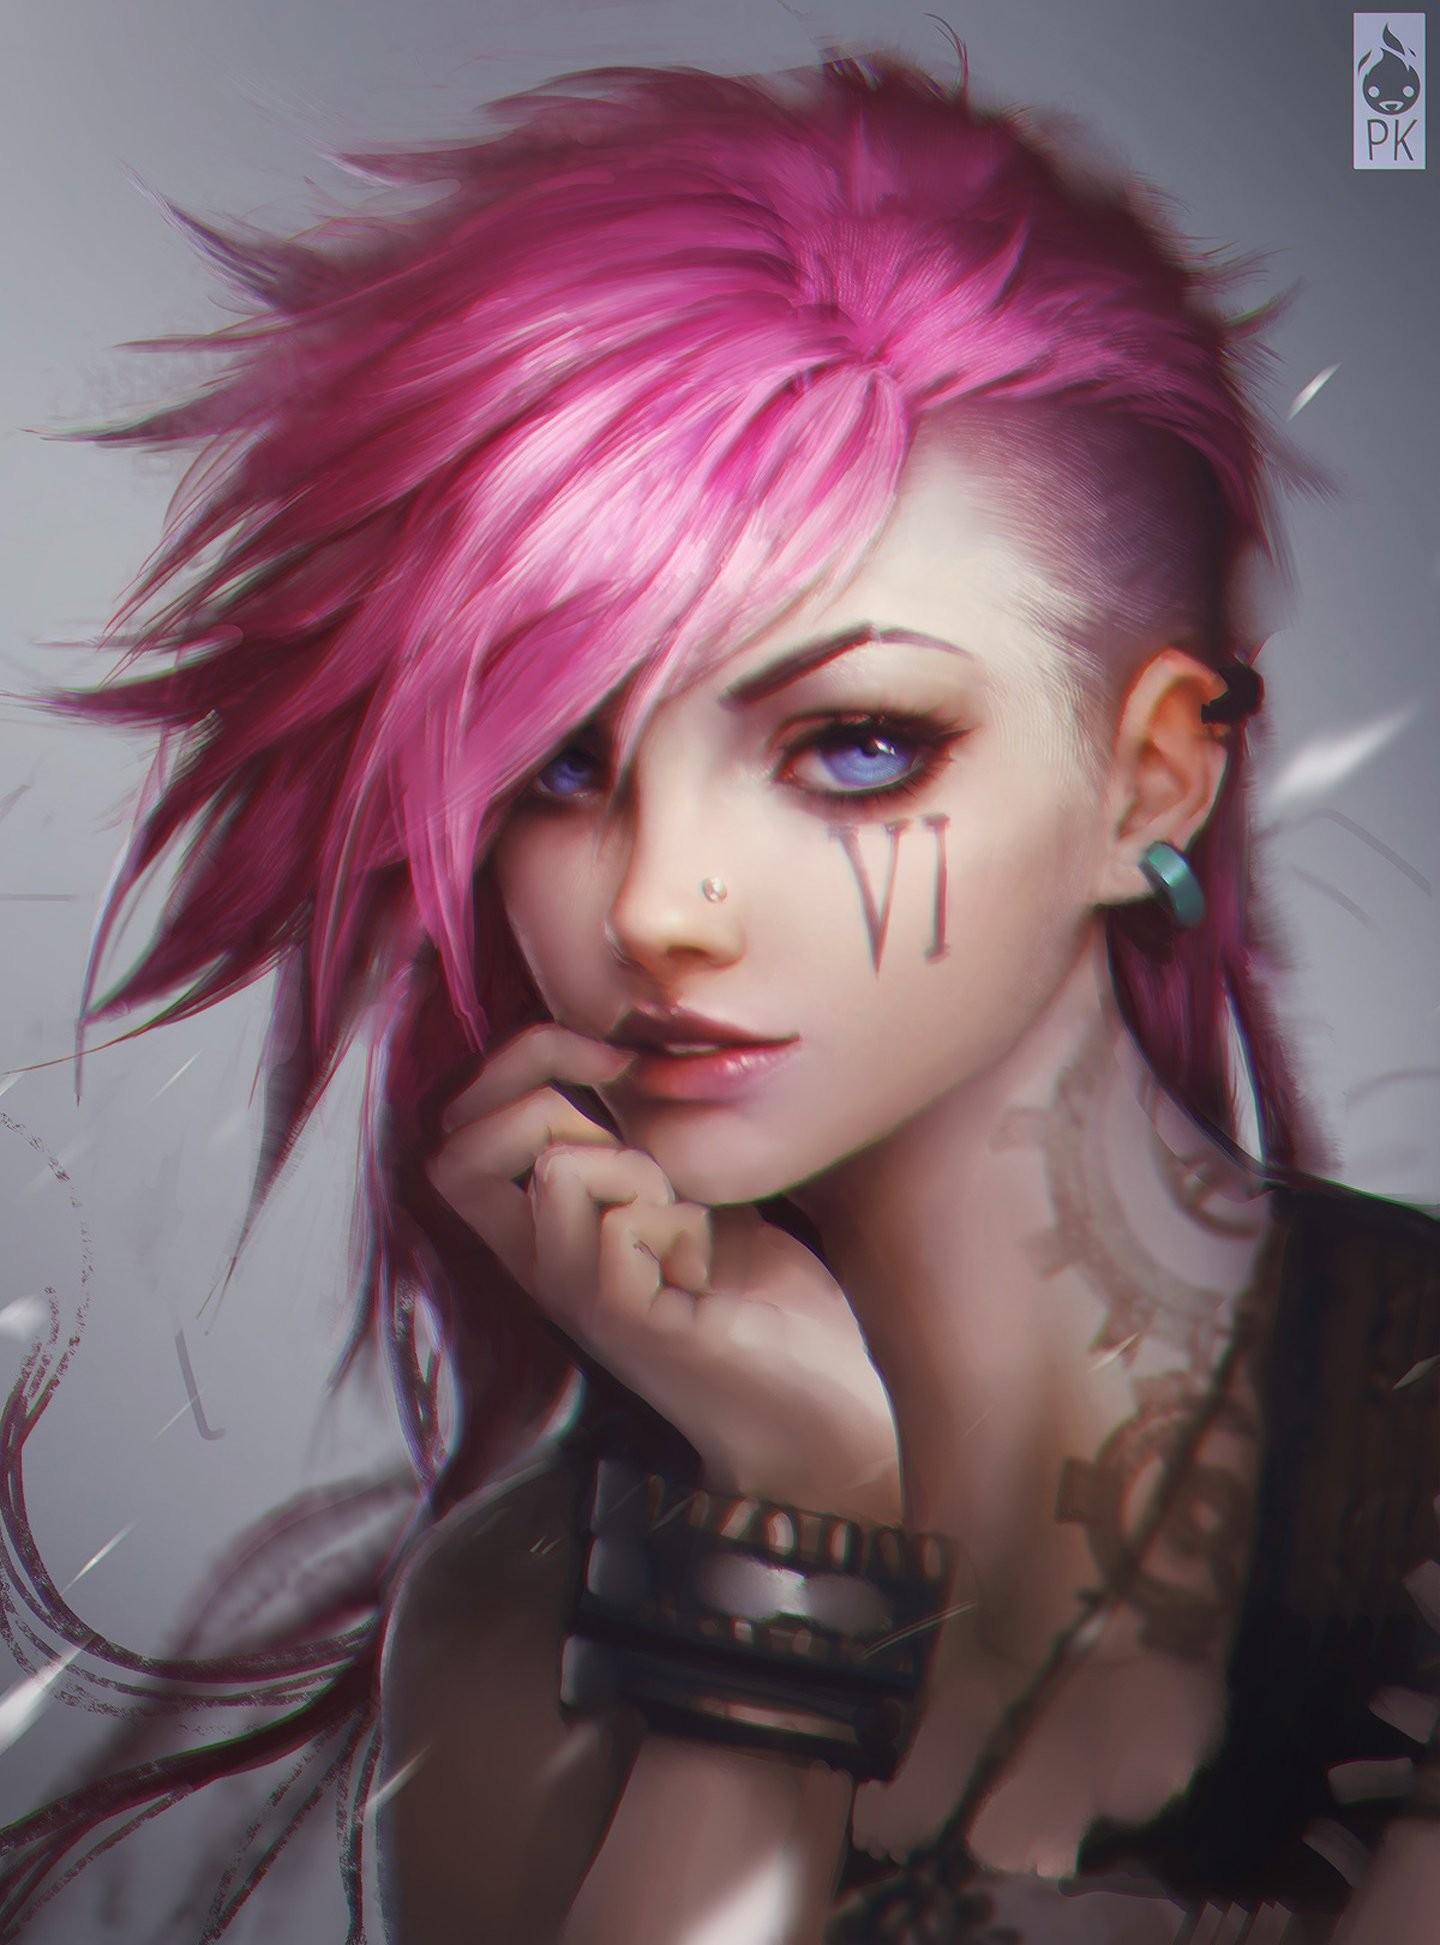 Pink hair blue eyes punk girl fantasy wallpaper | | 575956 |  WallpaperUP